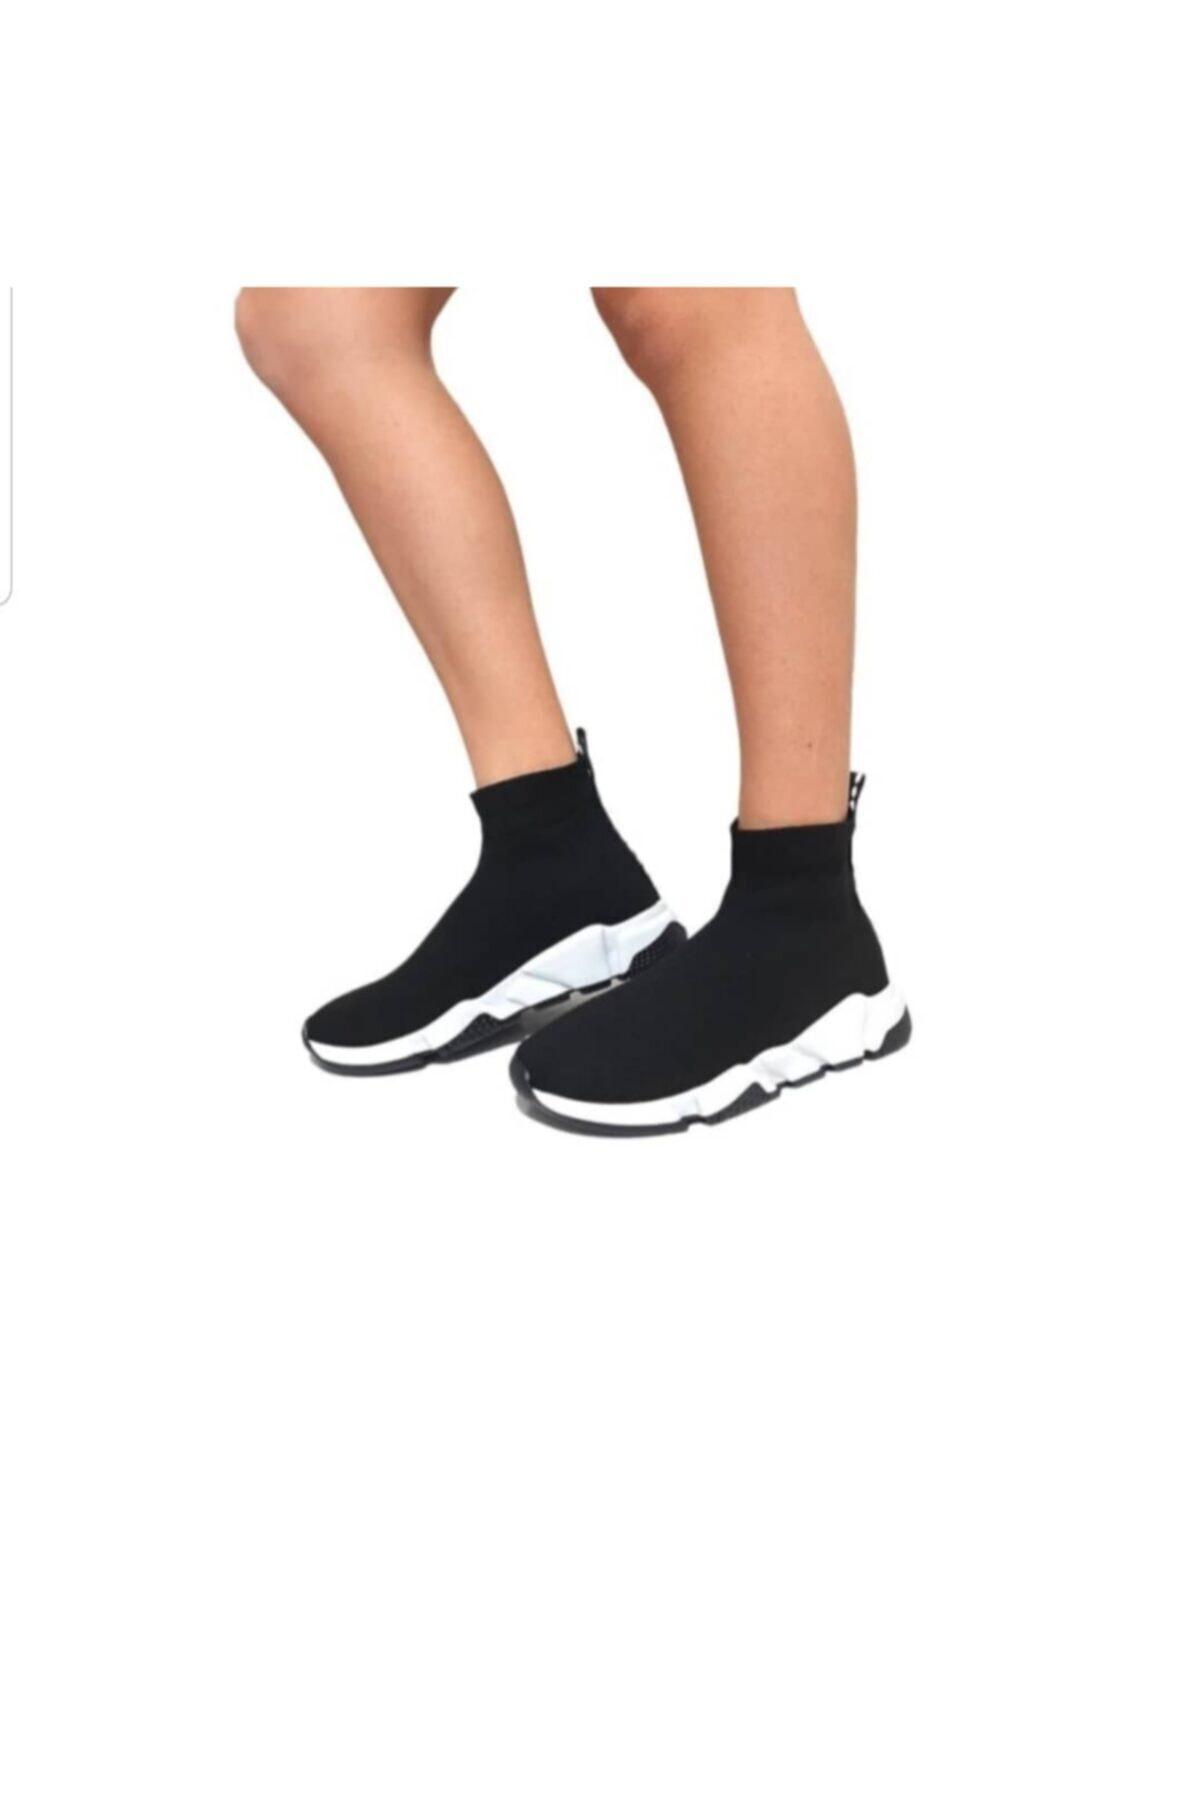 MİRKET Kadın Siyah Filito Çoraplı Yüksek Taban Sneakers Ayakkabı 1